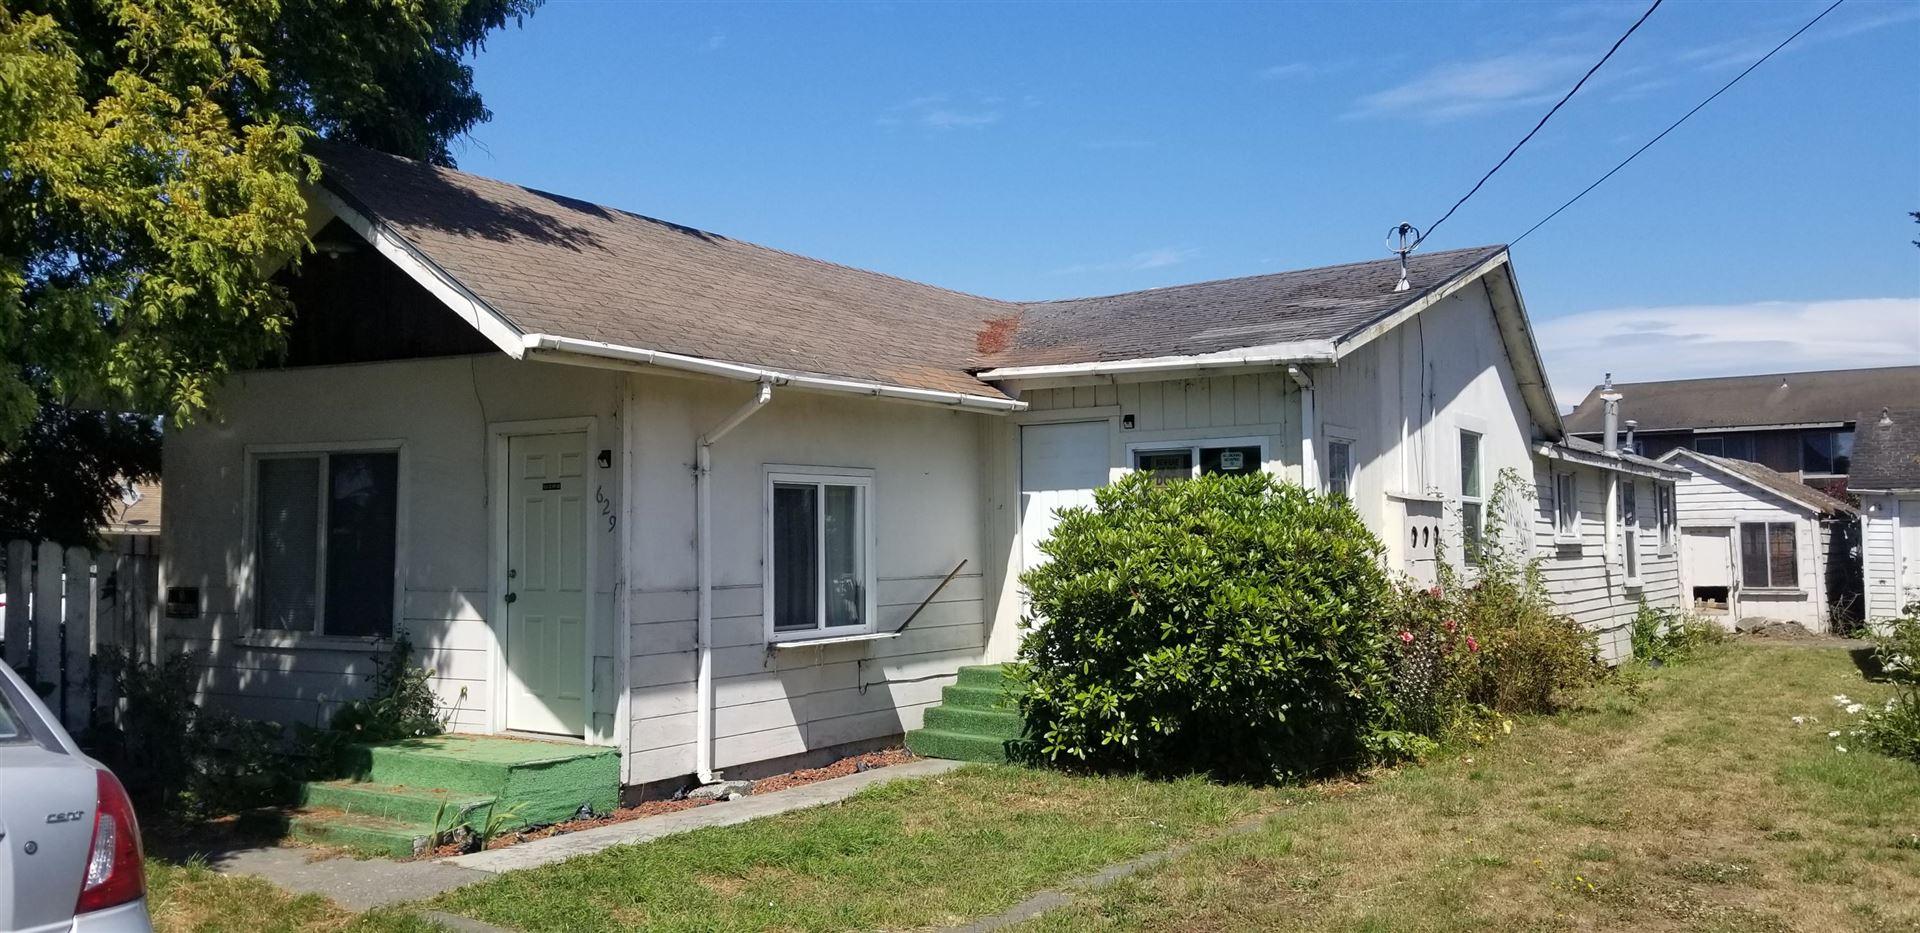 629 S Fortuna Boulevard, Fortuna, CA 95540 - MLS#: 259670